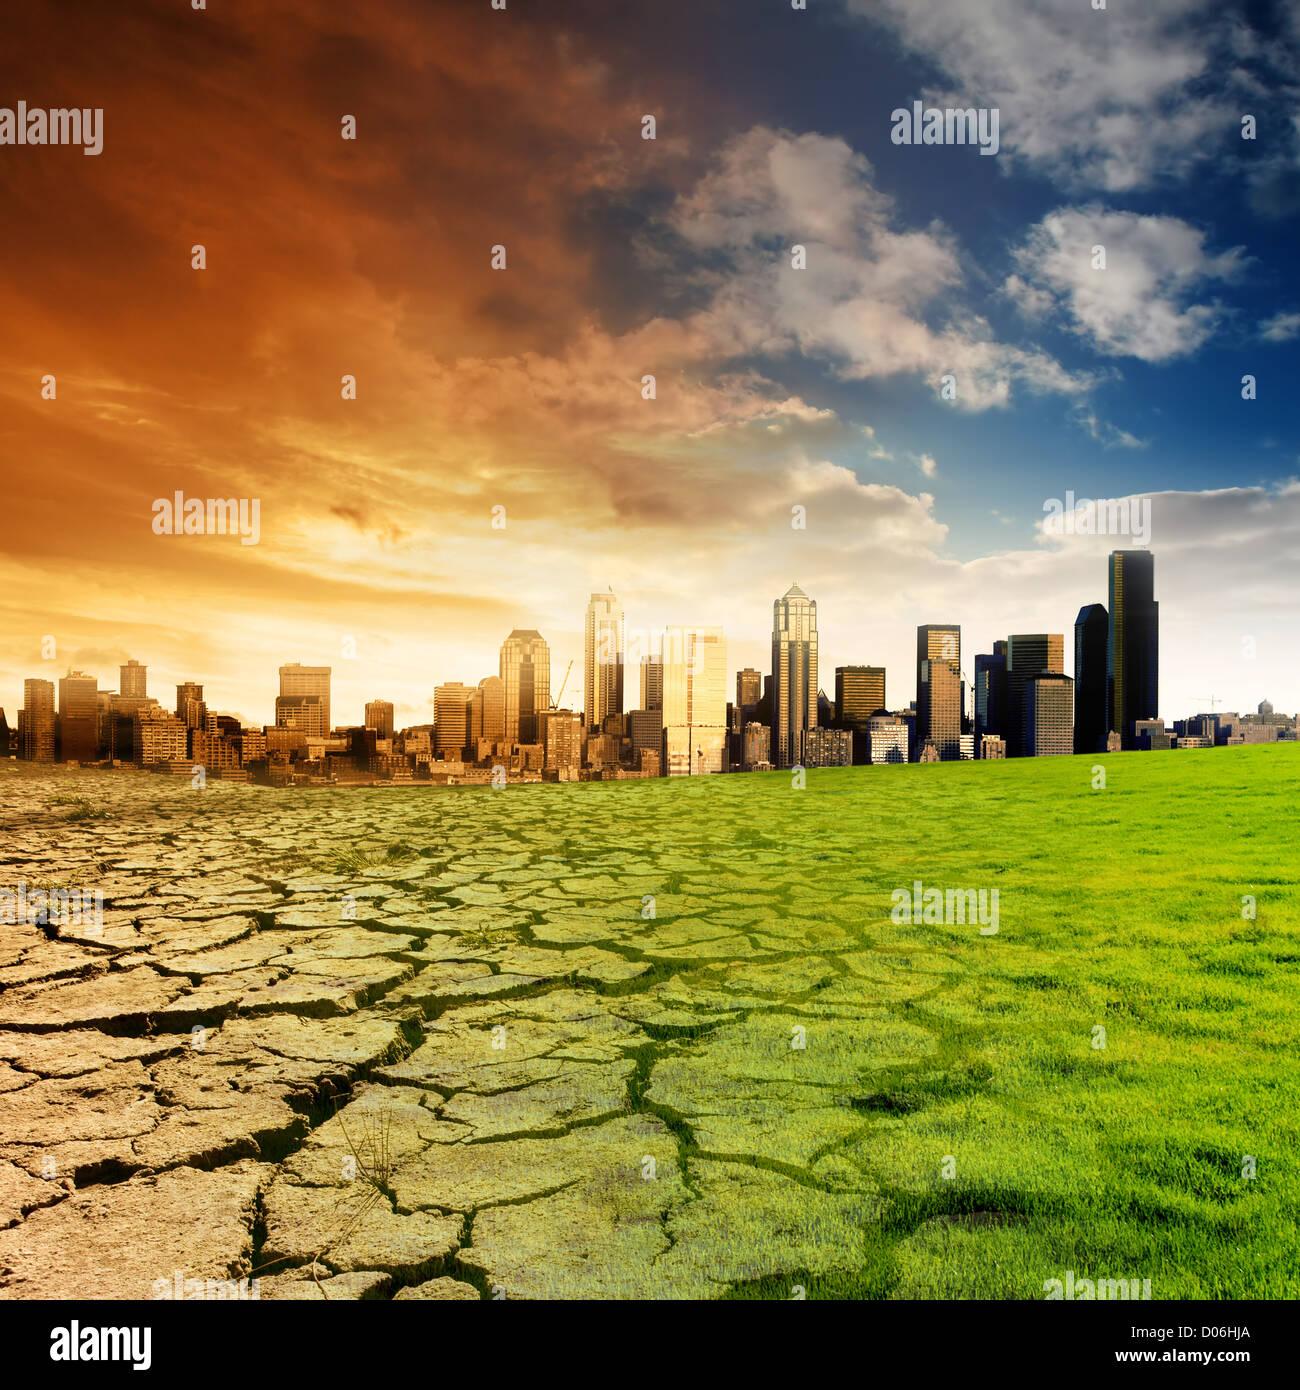 Effet du réchauffement climatique sur une ville Photo Stock